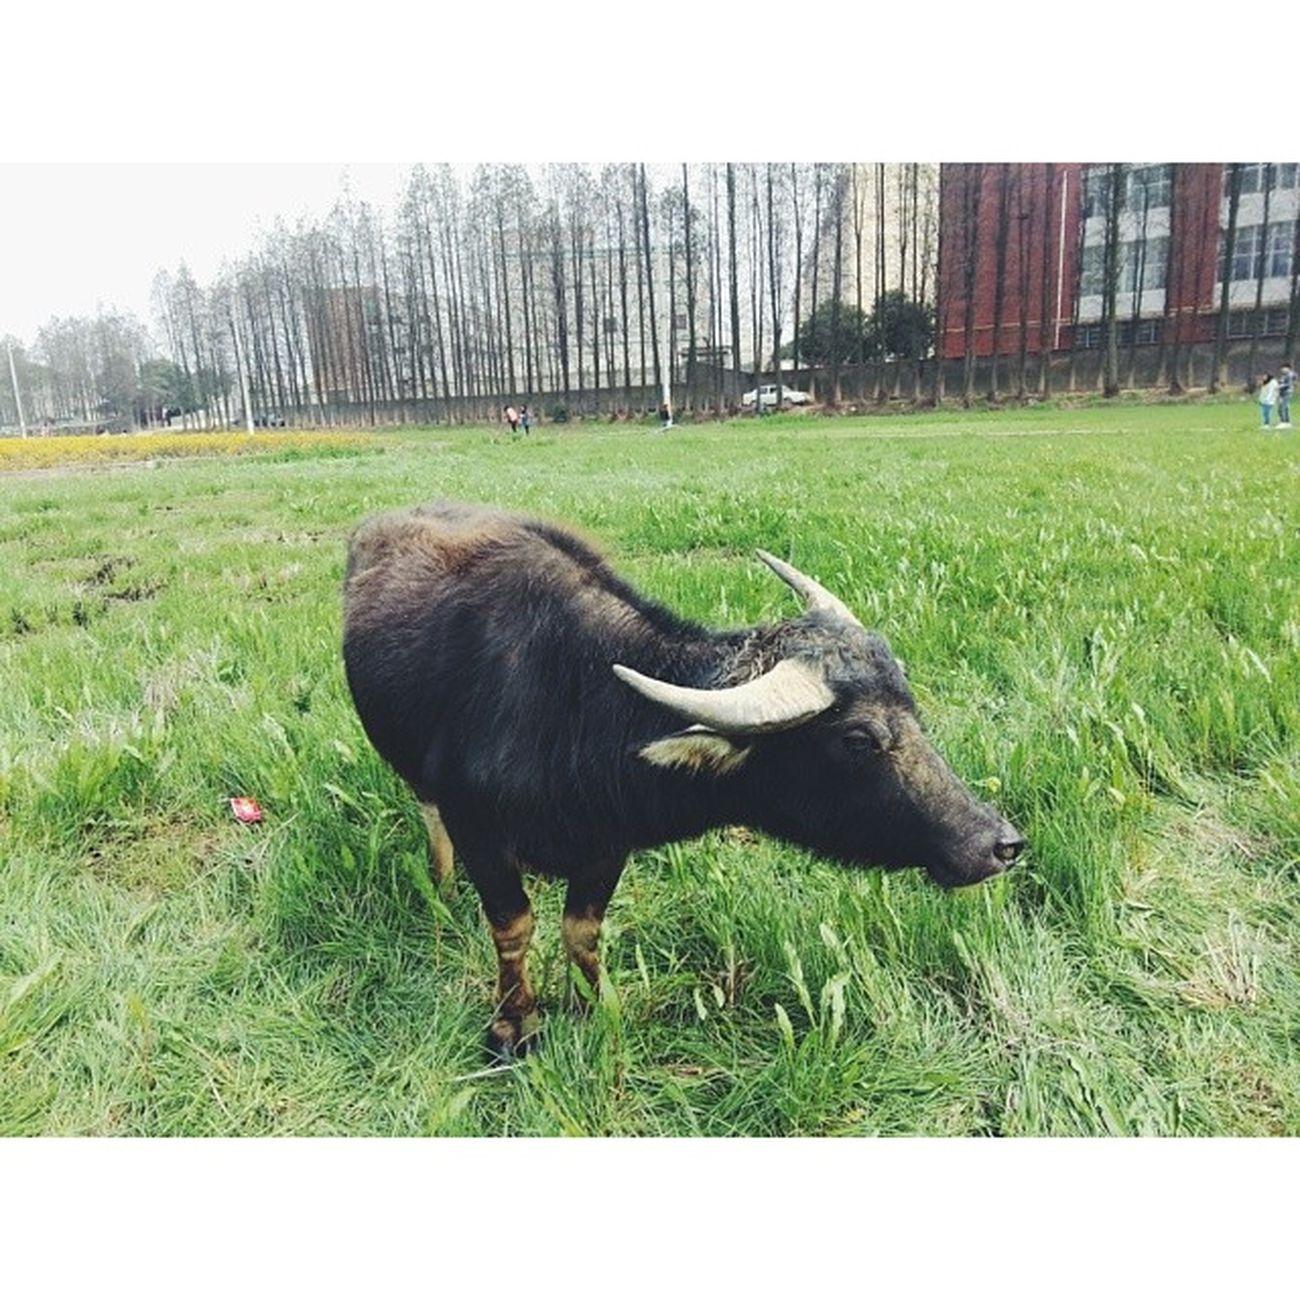 我这是用生命在拍照,被牛追着跑??? 湖南农业大学 长沙 Bull Vscocam vsco changsha hunan 农田 china